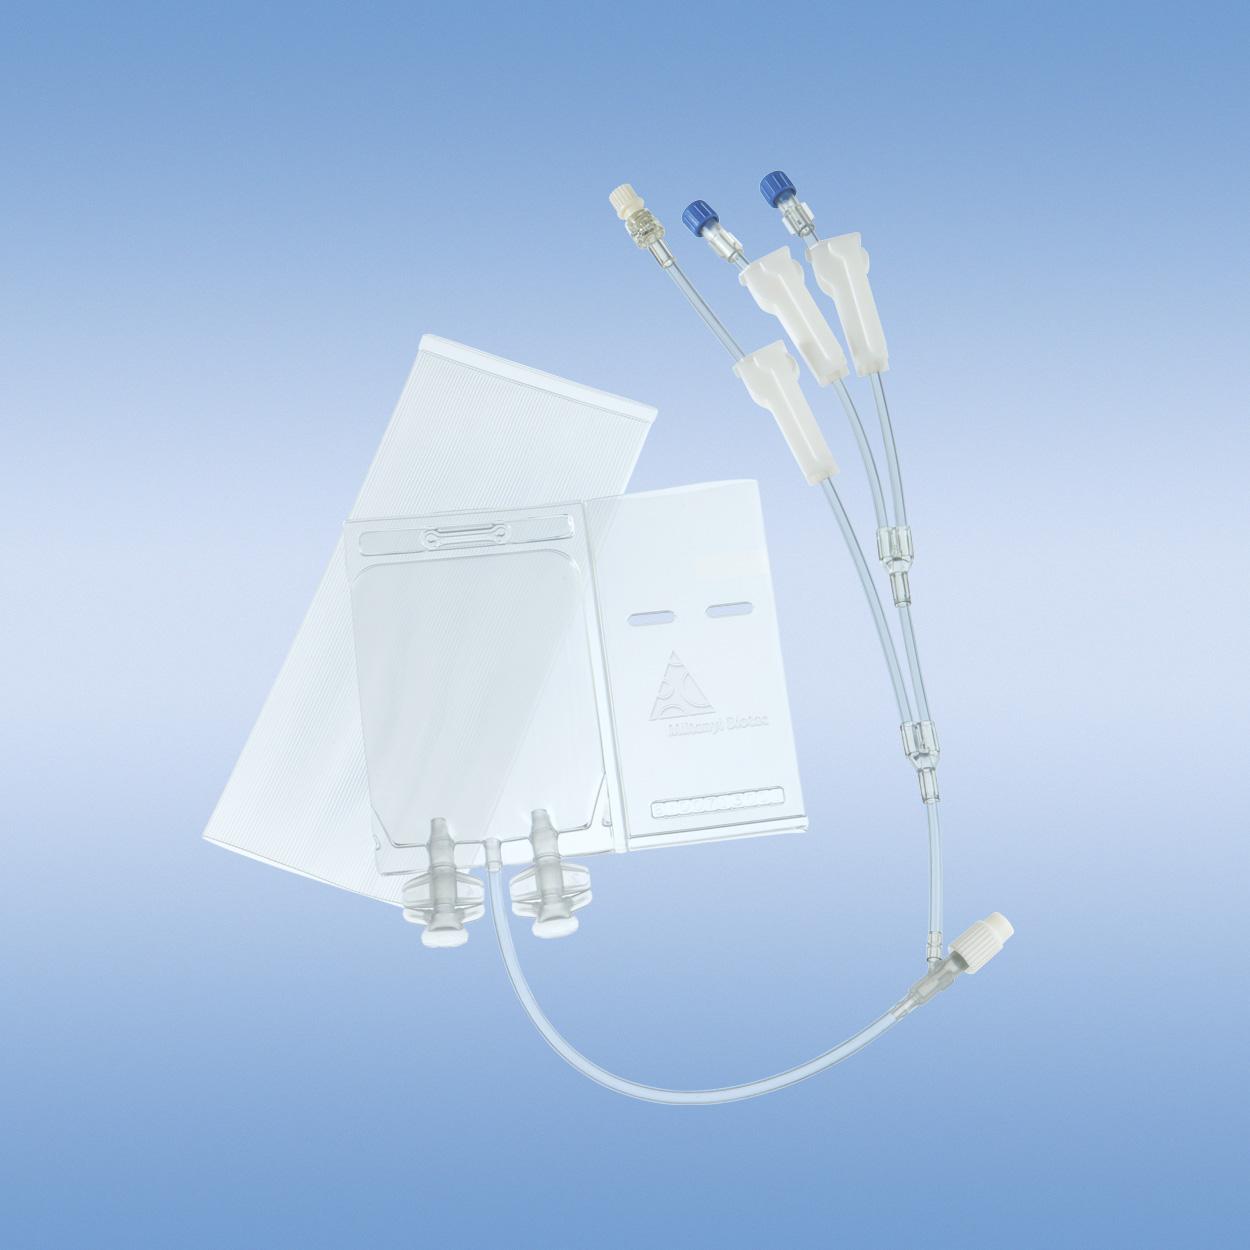 CryoMACS® Freezing Products